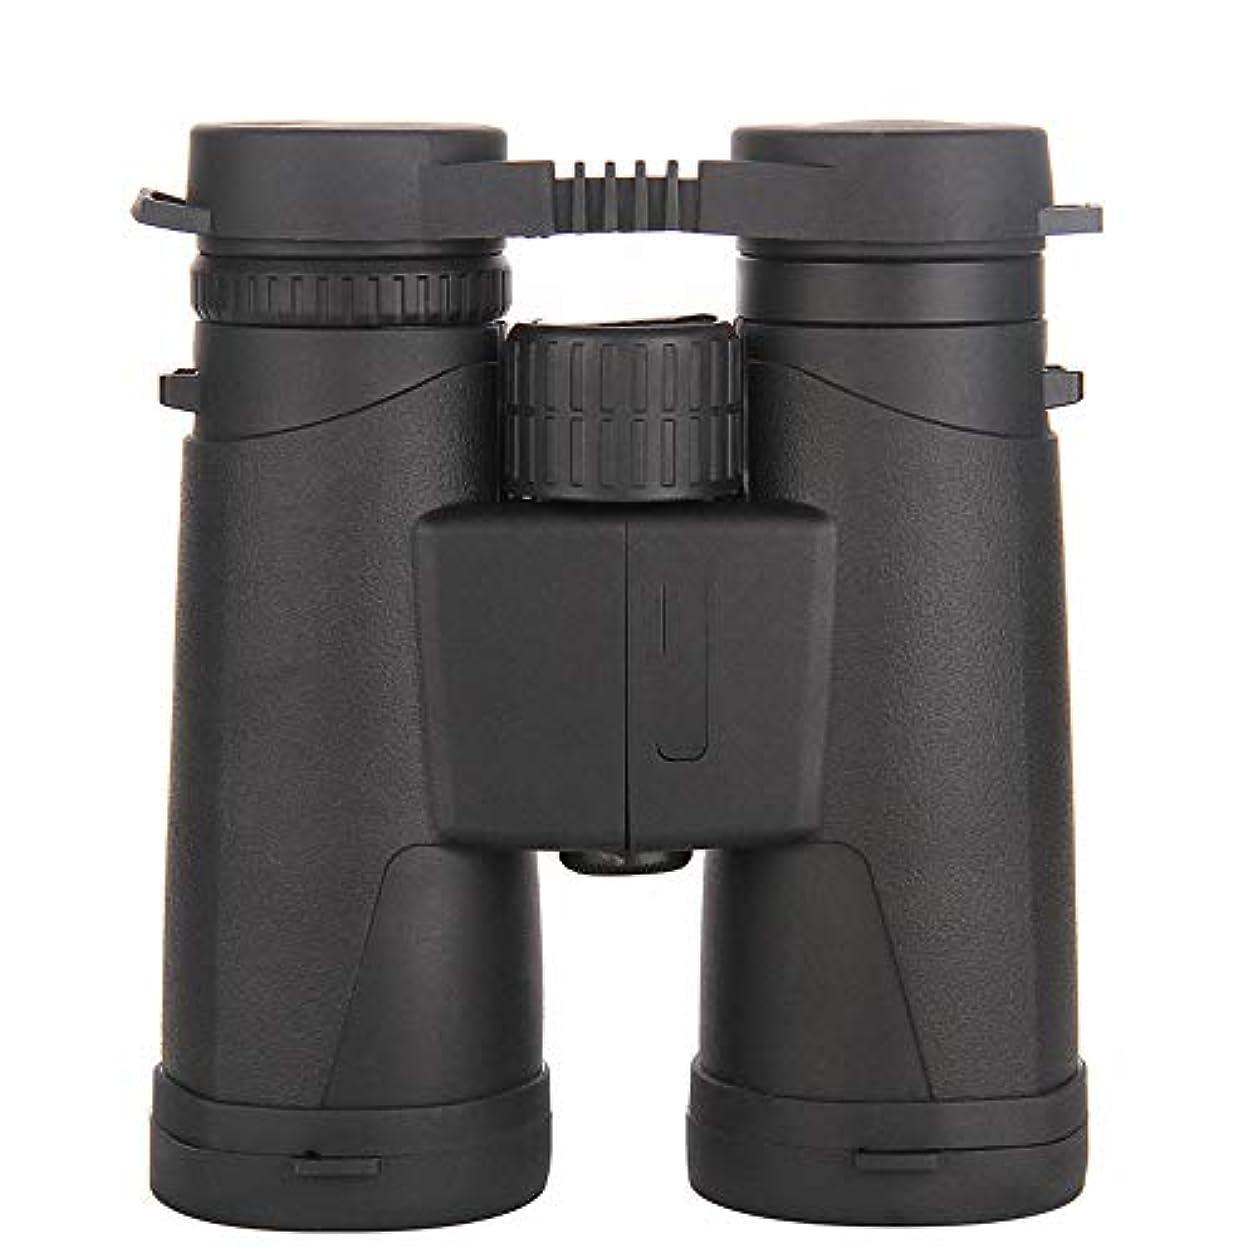 怒って大きさフェミニン双眼鏡、10×42望遠鏡ハイパワー双眼鏡HD BAK4スパイグラスナイトビジョン望遠鏡狩猟用具、コンサート、旅行のために適した